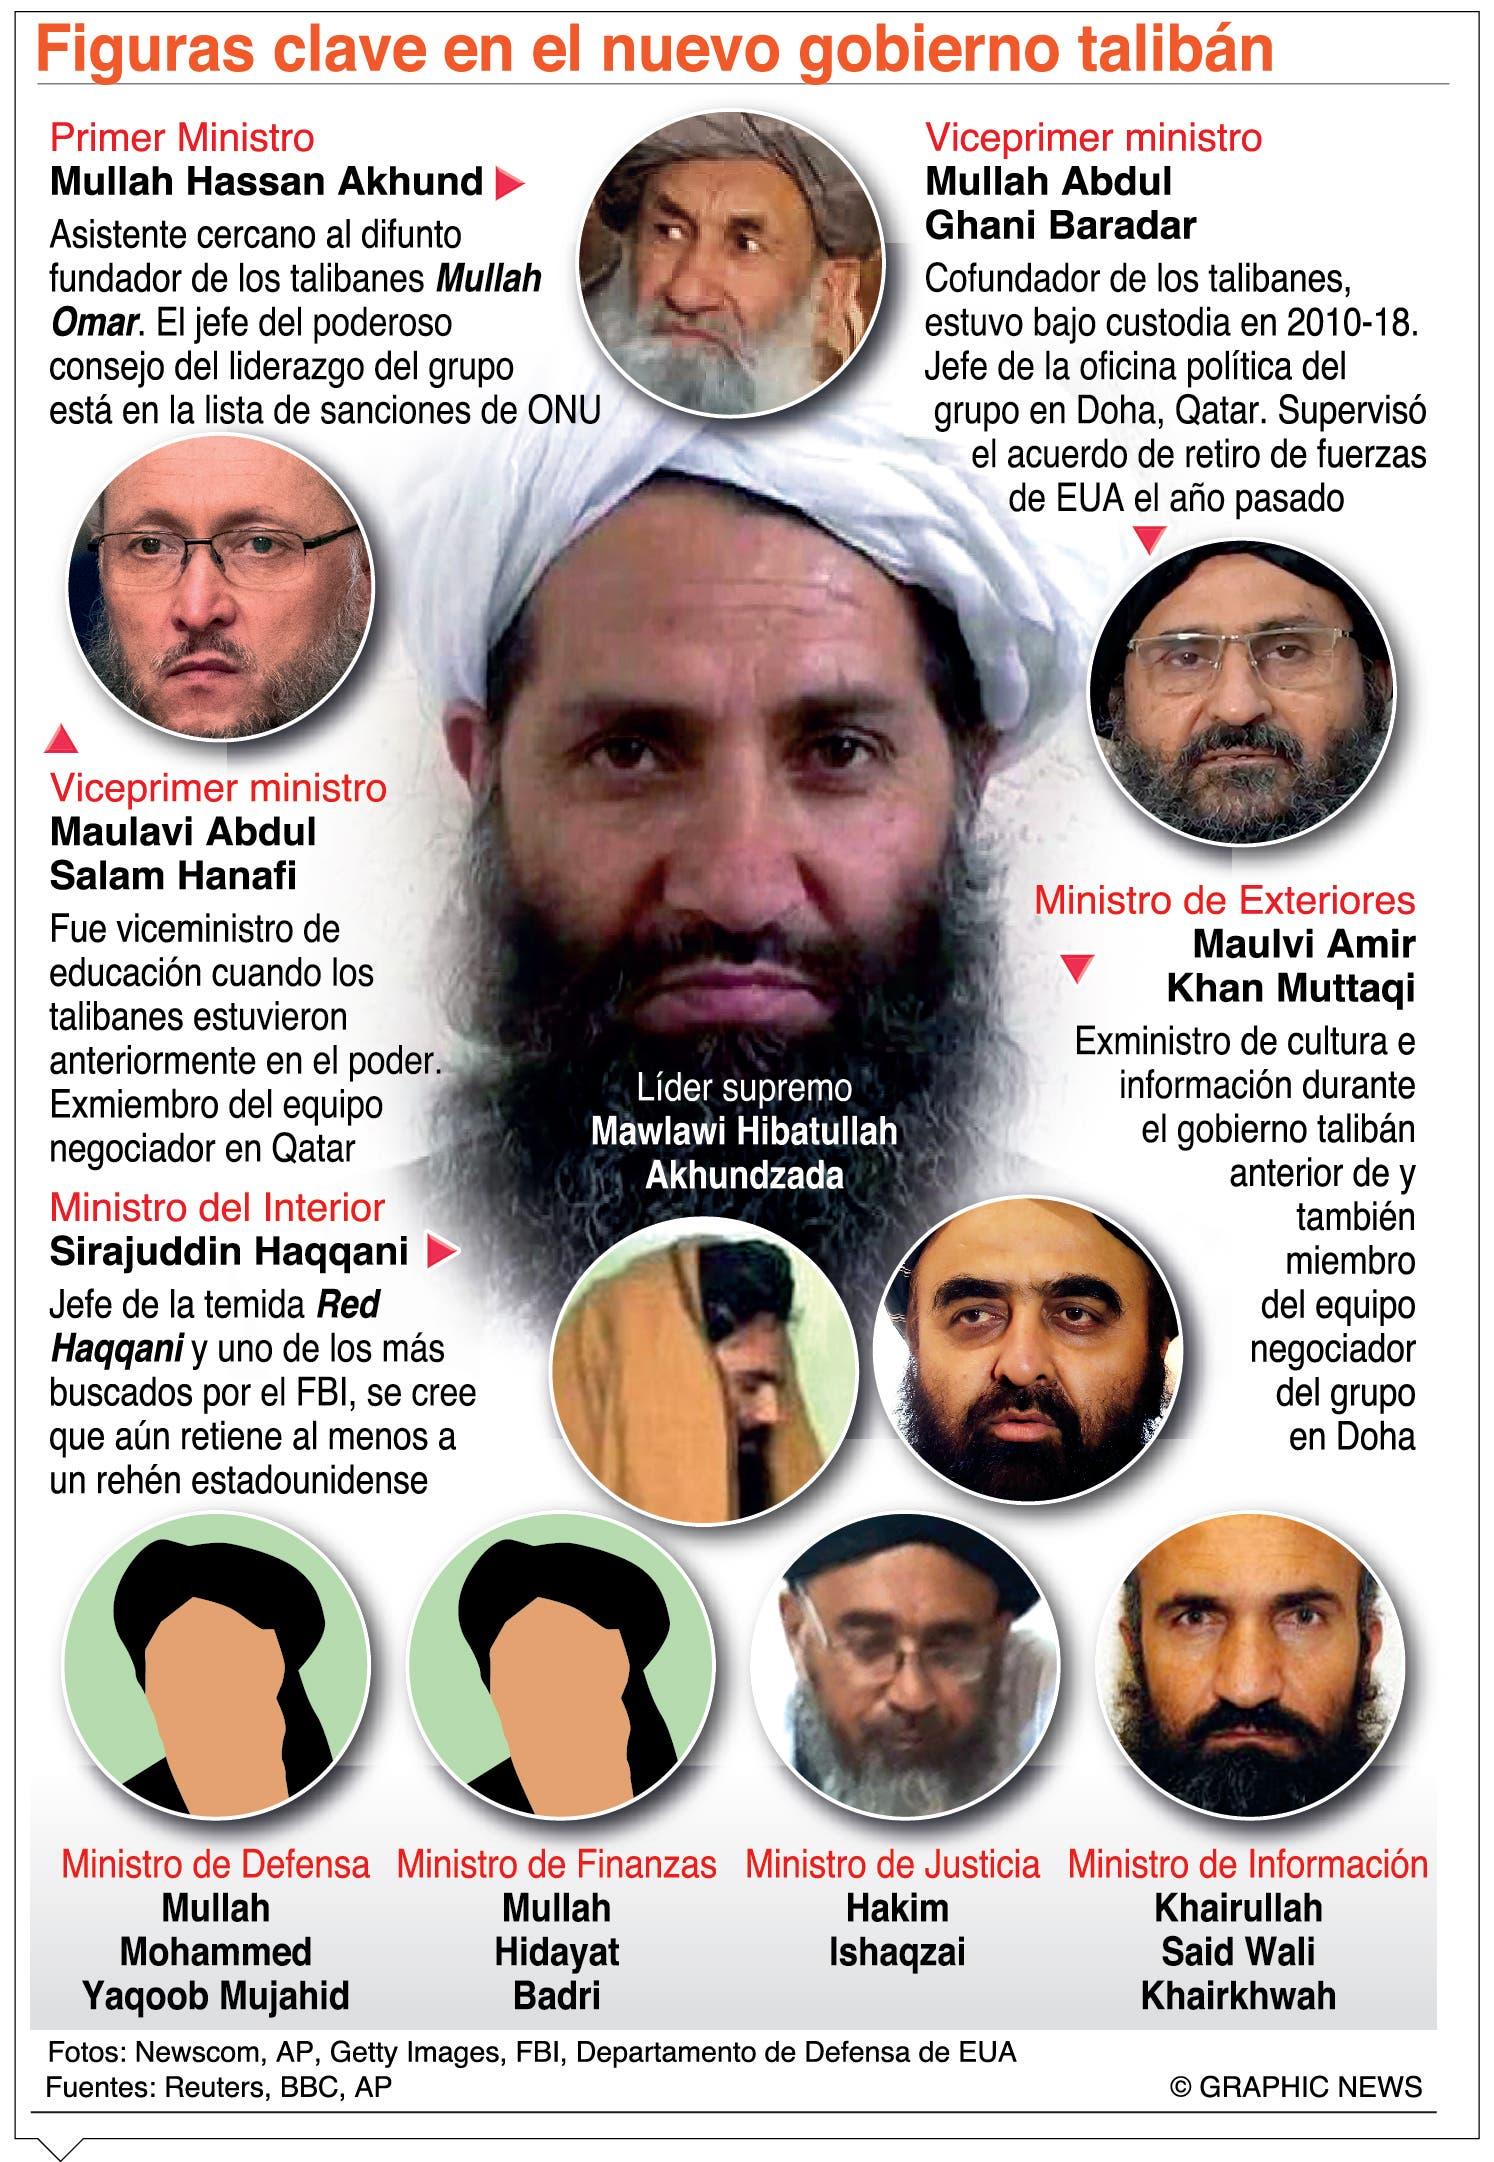 Talibán hace gobierno; lo dirige la vieja guardia